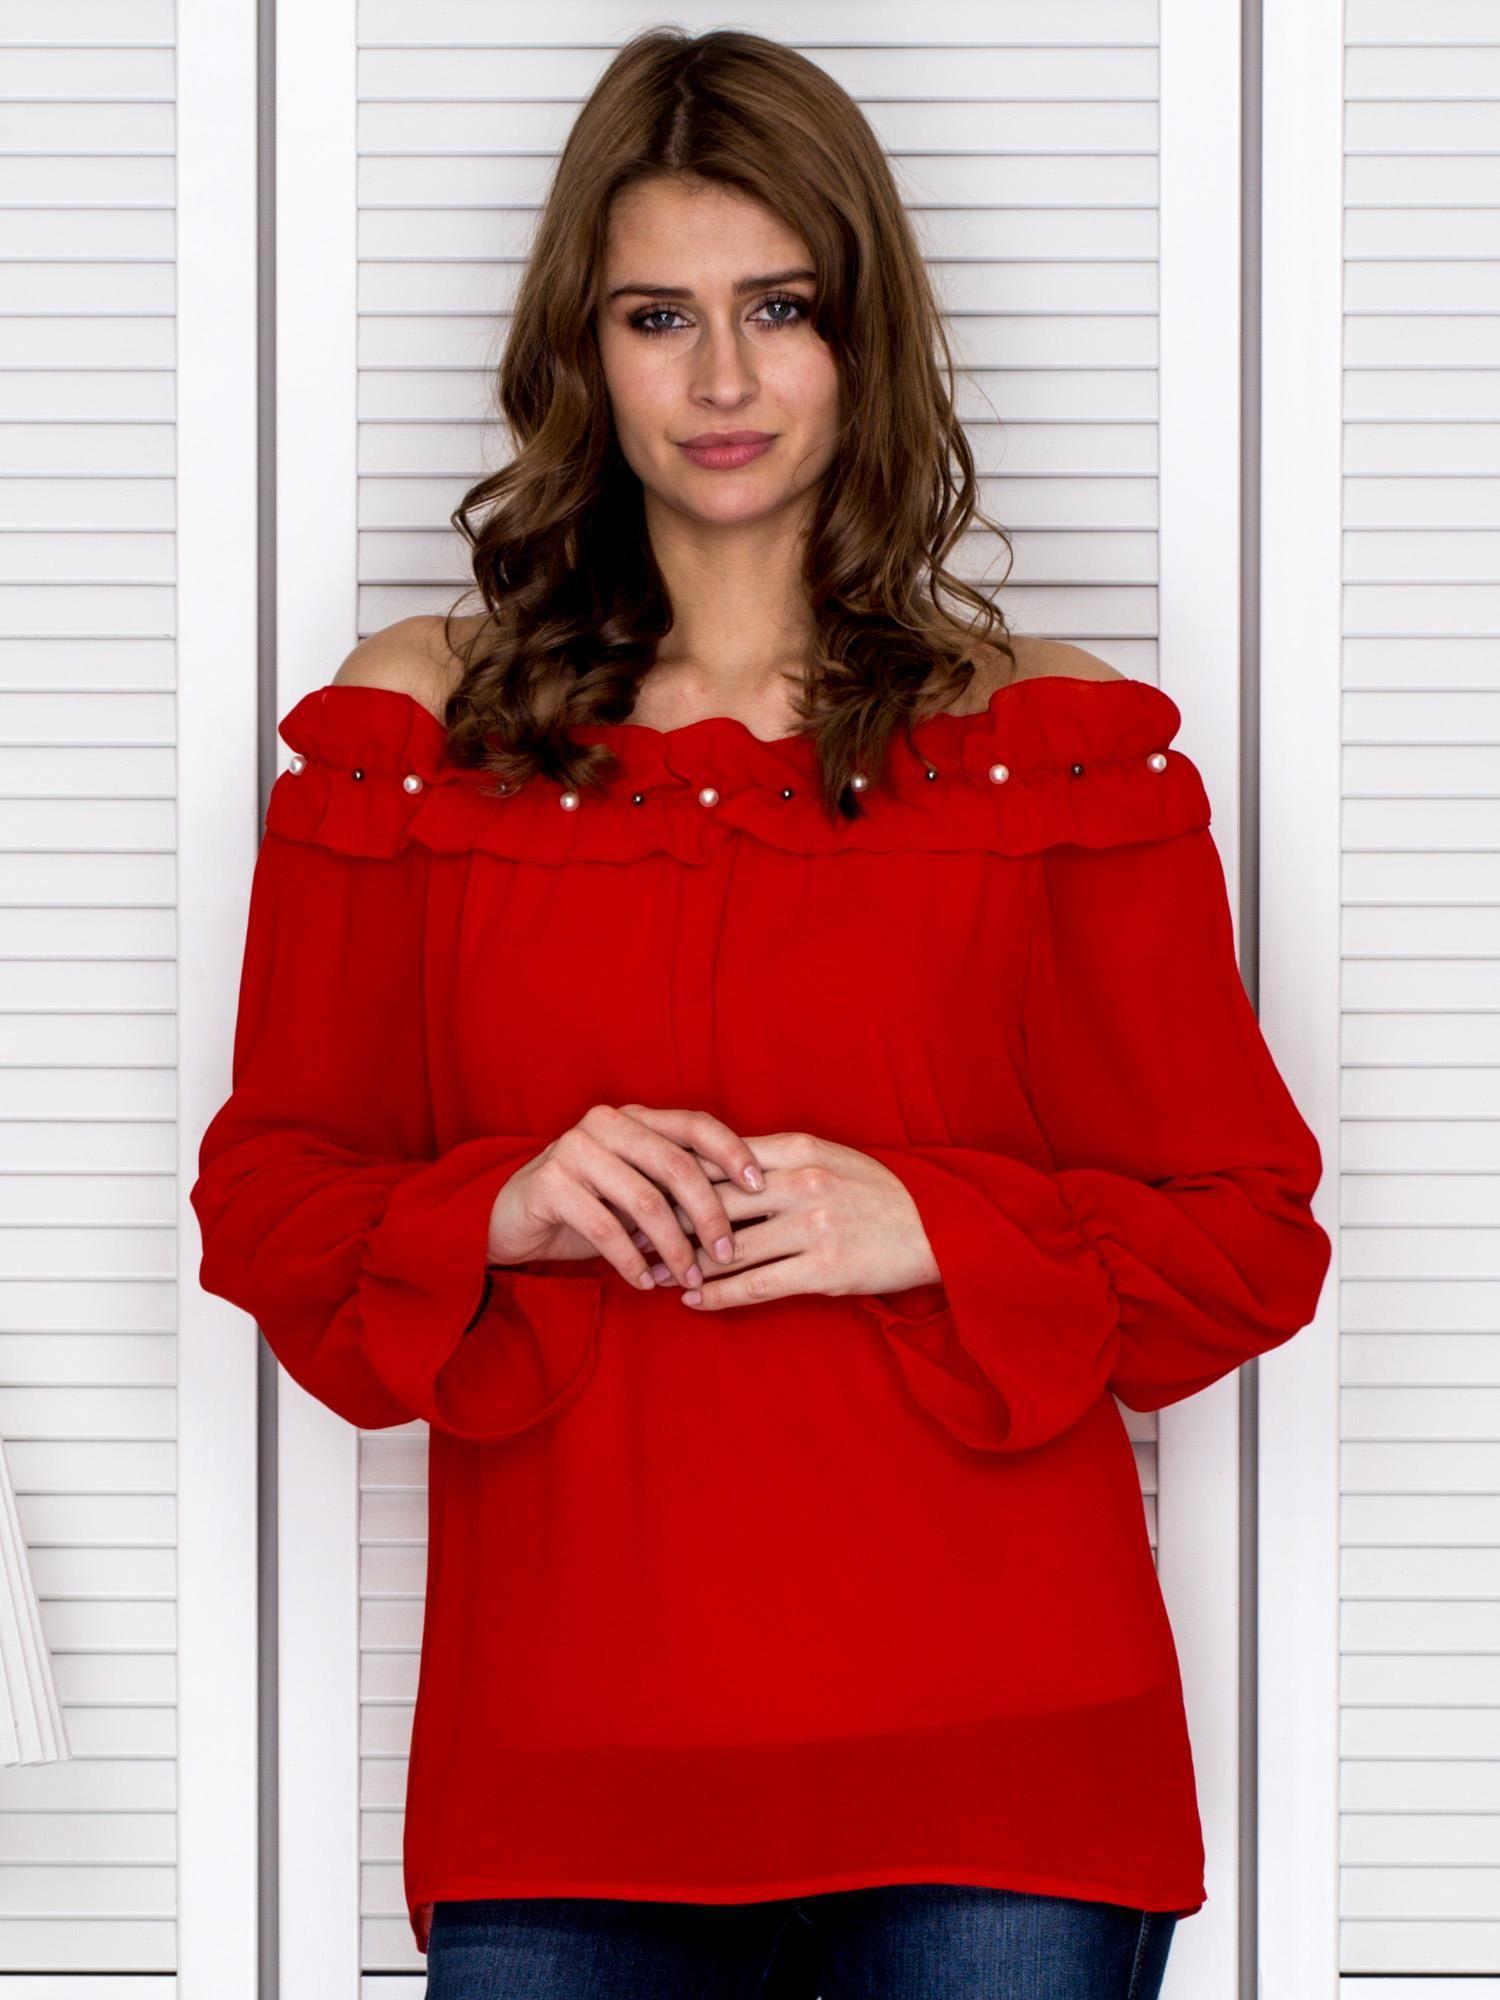 8203cc5b290463 Bluzka damska z ozdobnym dekoltem czerwona - Bluzka na co dzień ...